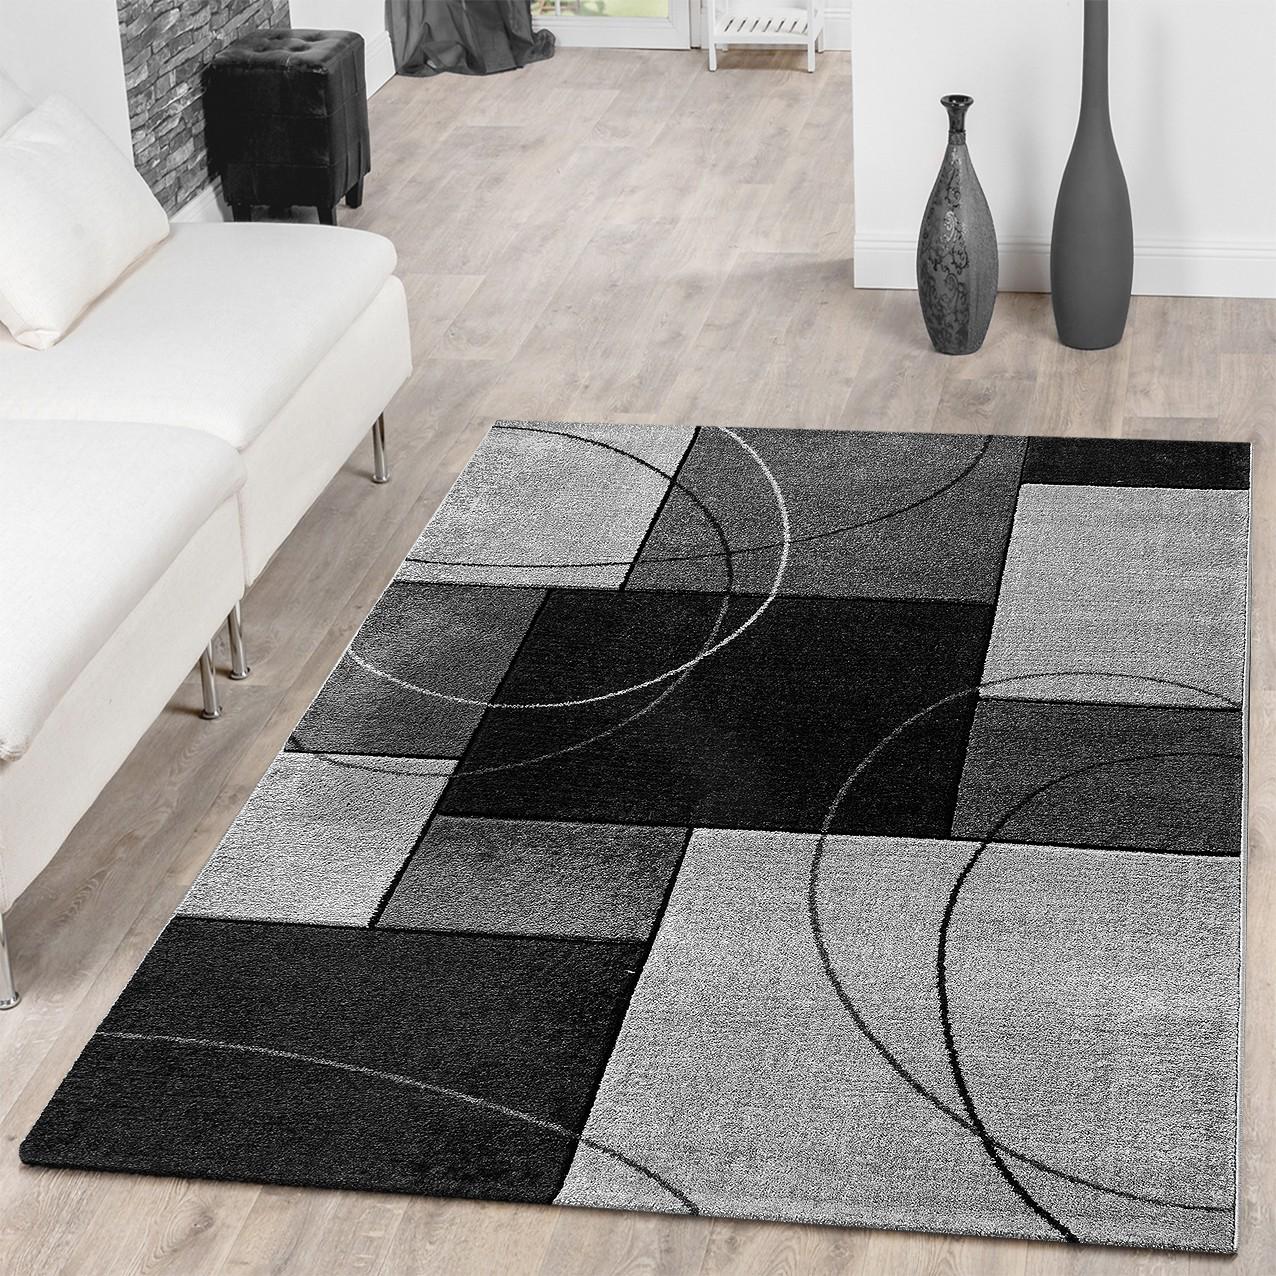 Designer Teppich Kariert Kurzflor Grau Konturenschnitt Kreisförmig Meliert